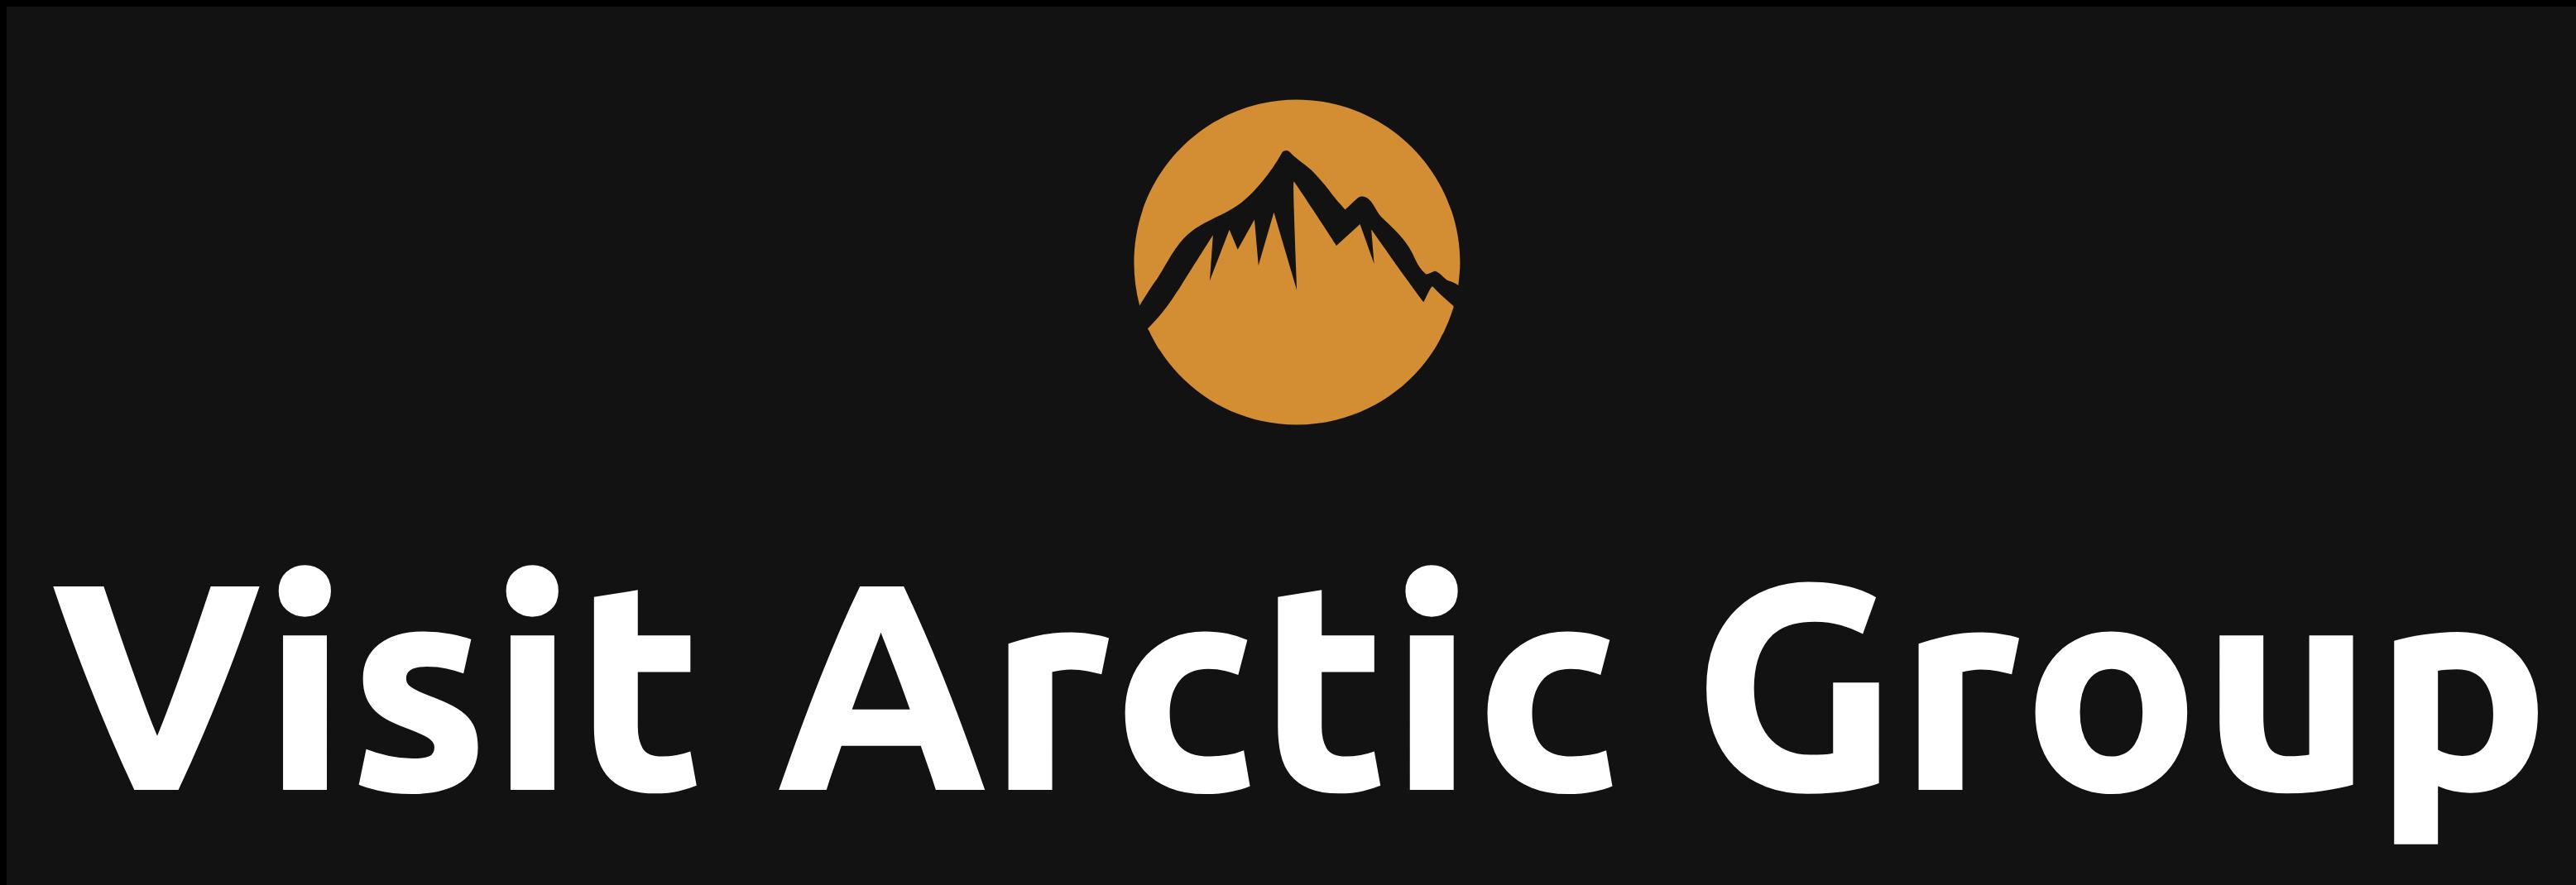 Visit Arctic Group